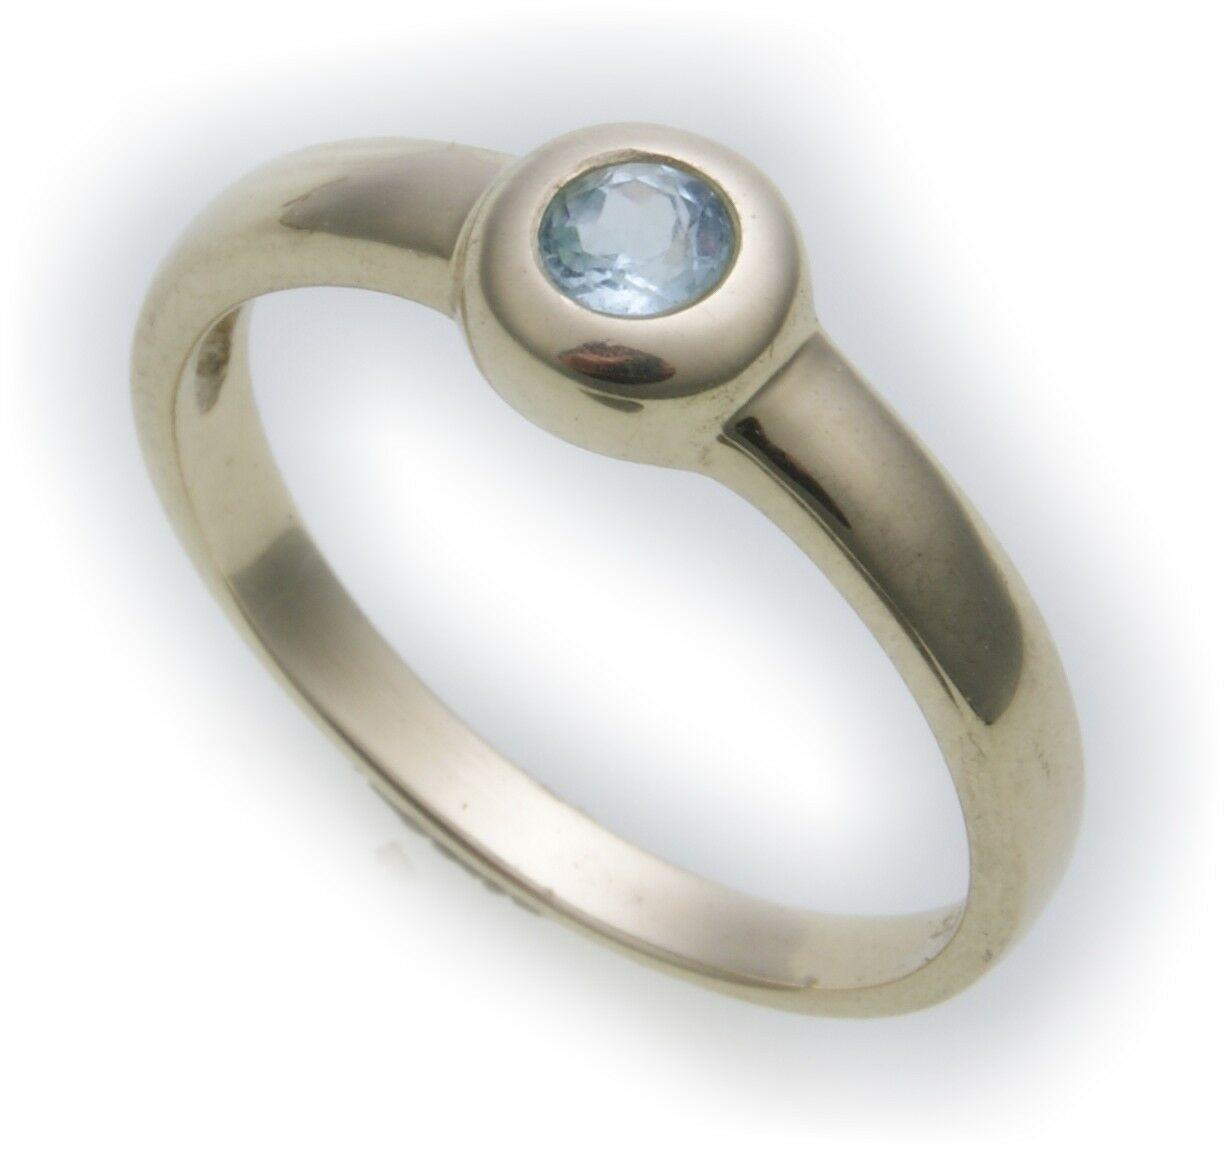 Damen Ring echt Gold 585 Topas 14 Juwelierqualität Gelbgold Einsteiner Blautopas